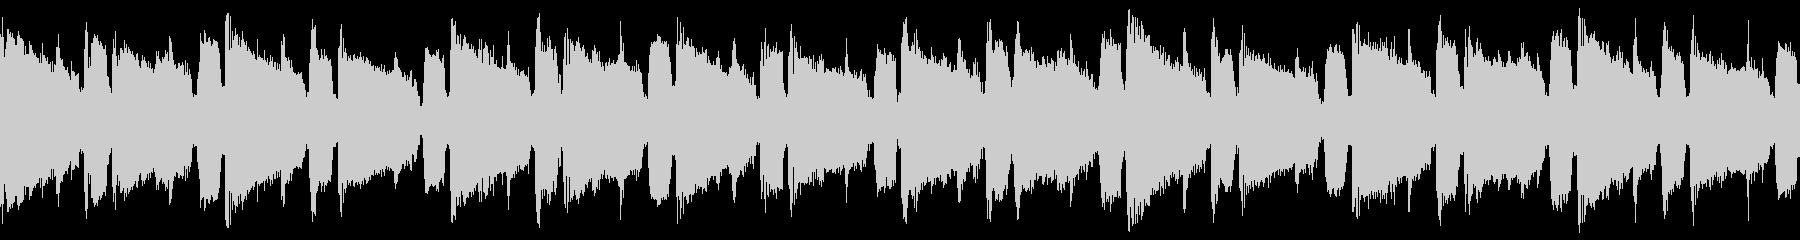 法人 エレキギター ピアノ ストリ...の未再生の波形